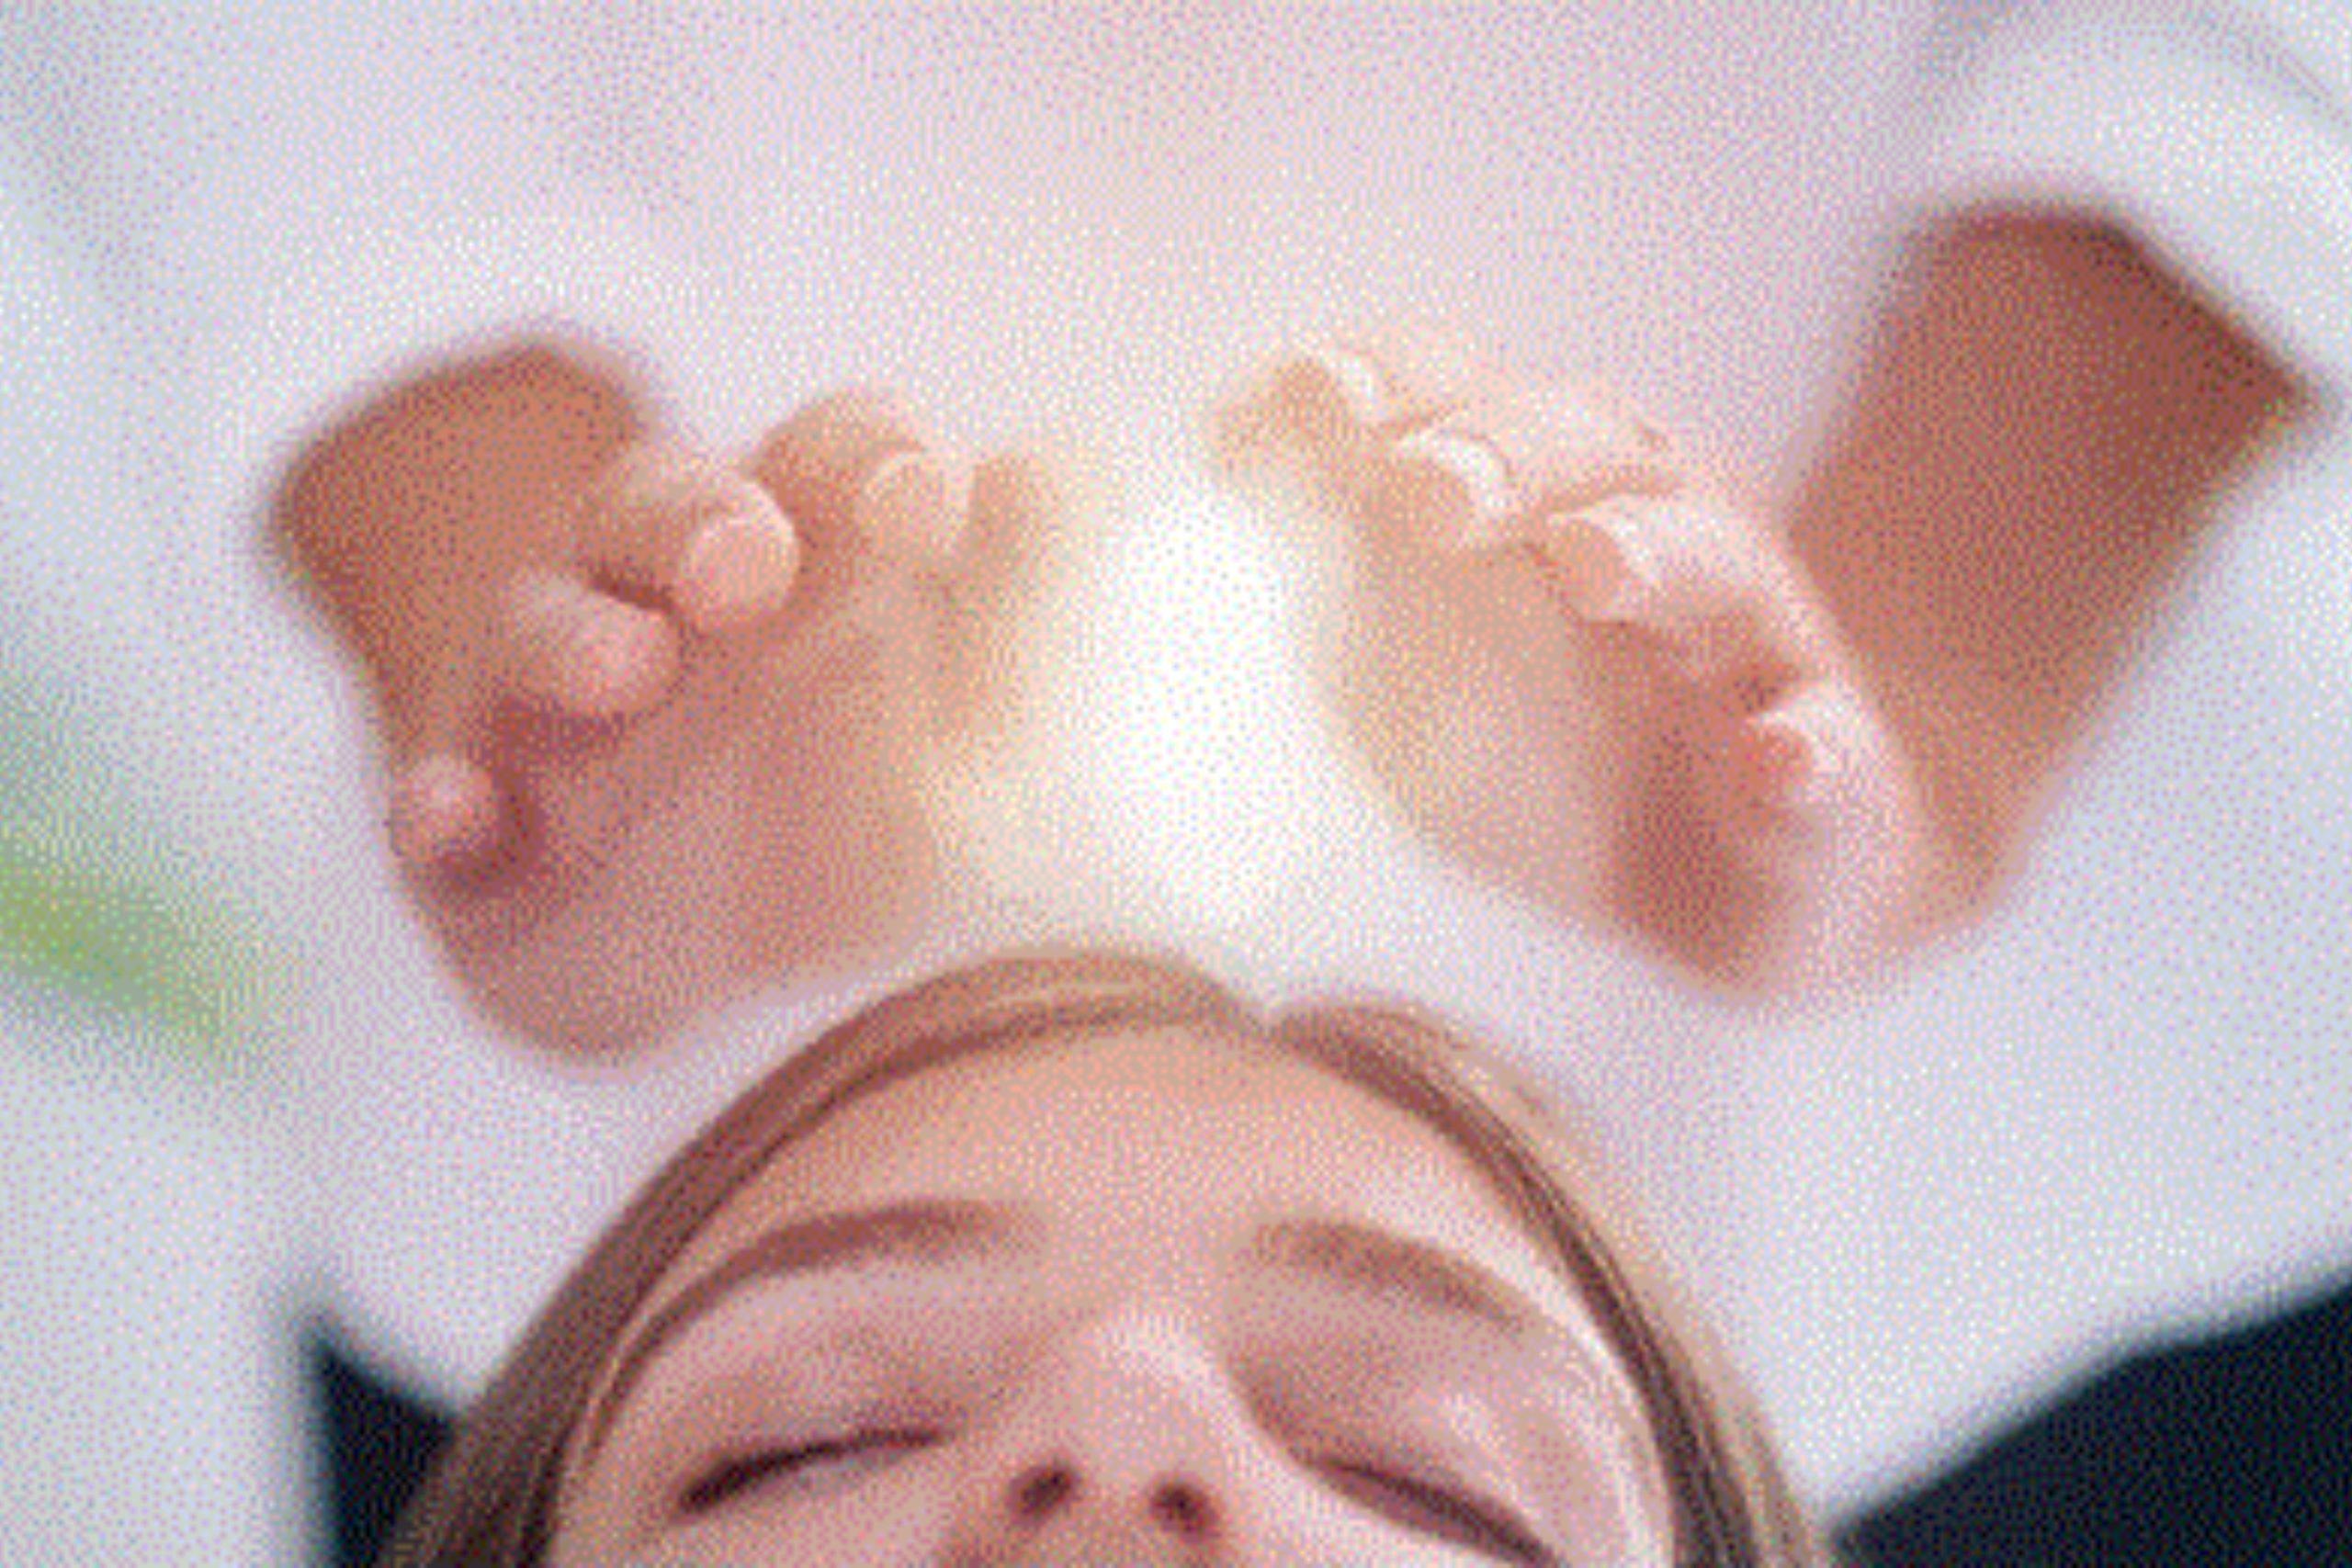 Mains avec de la lumière - LaHoChi